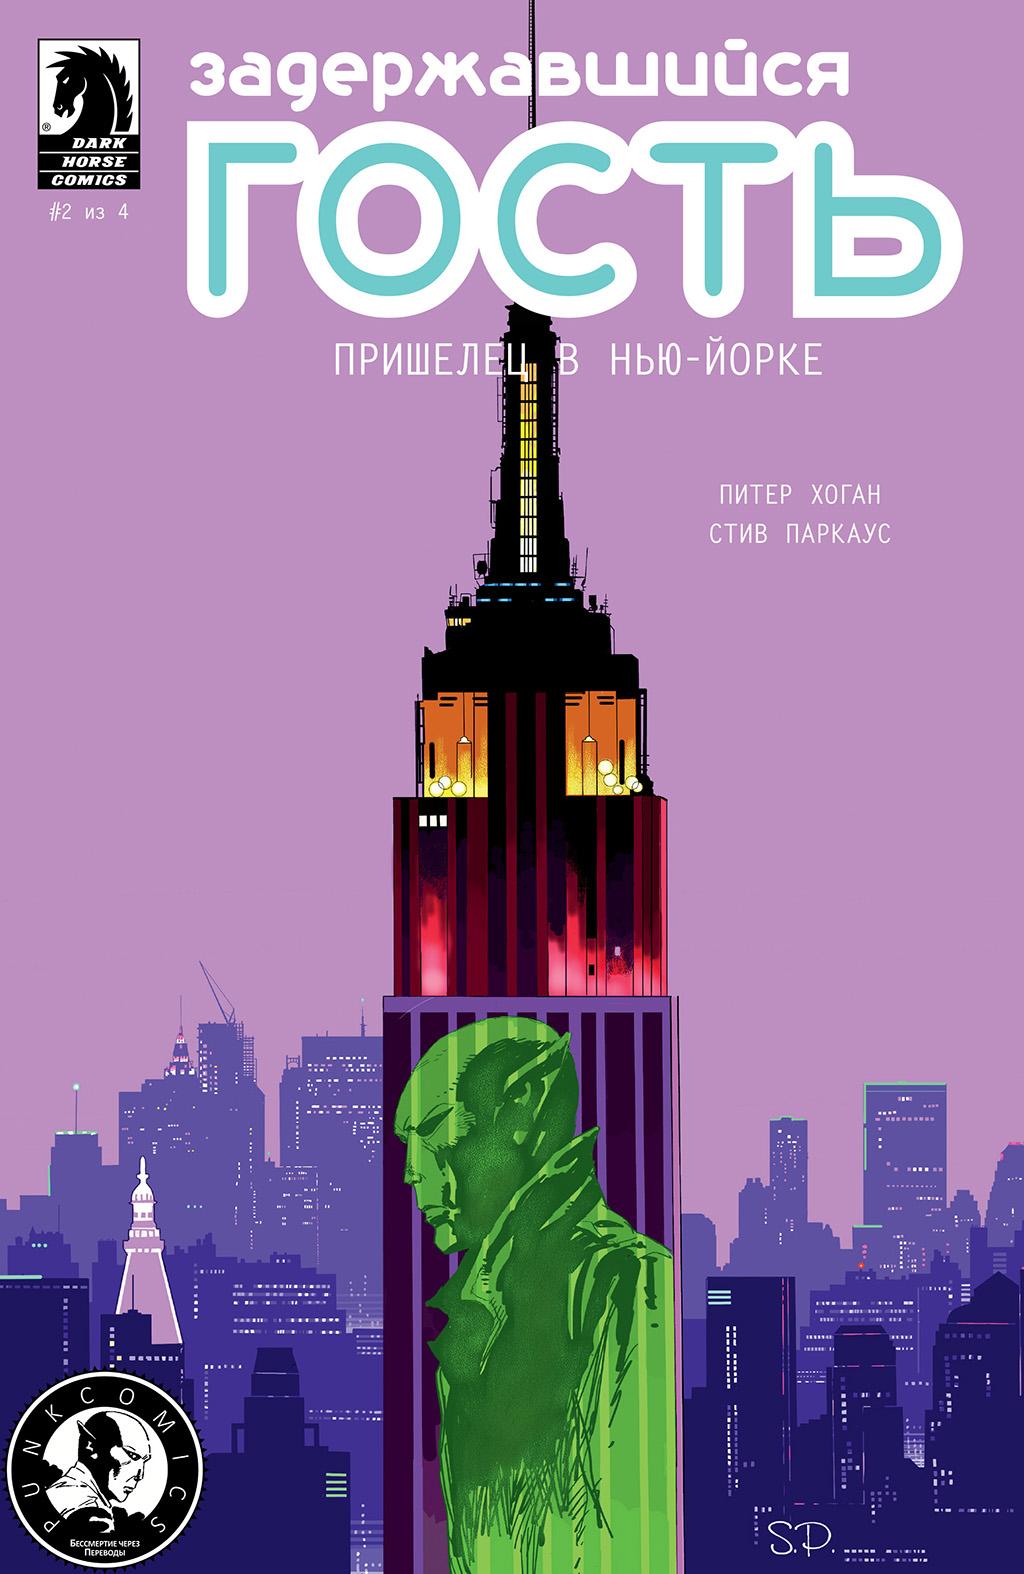 комикс Задержавшийся гость - Пришелец в Нью-Йорке